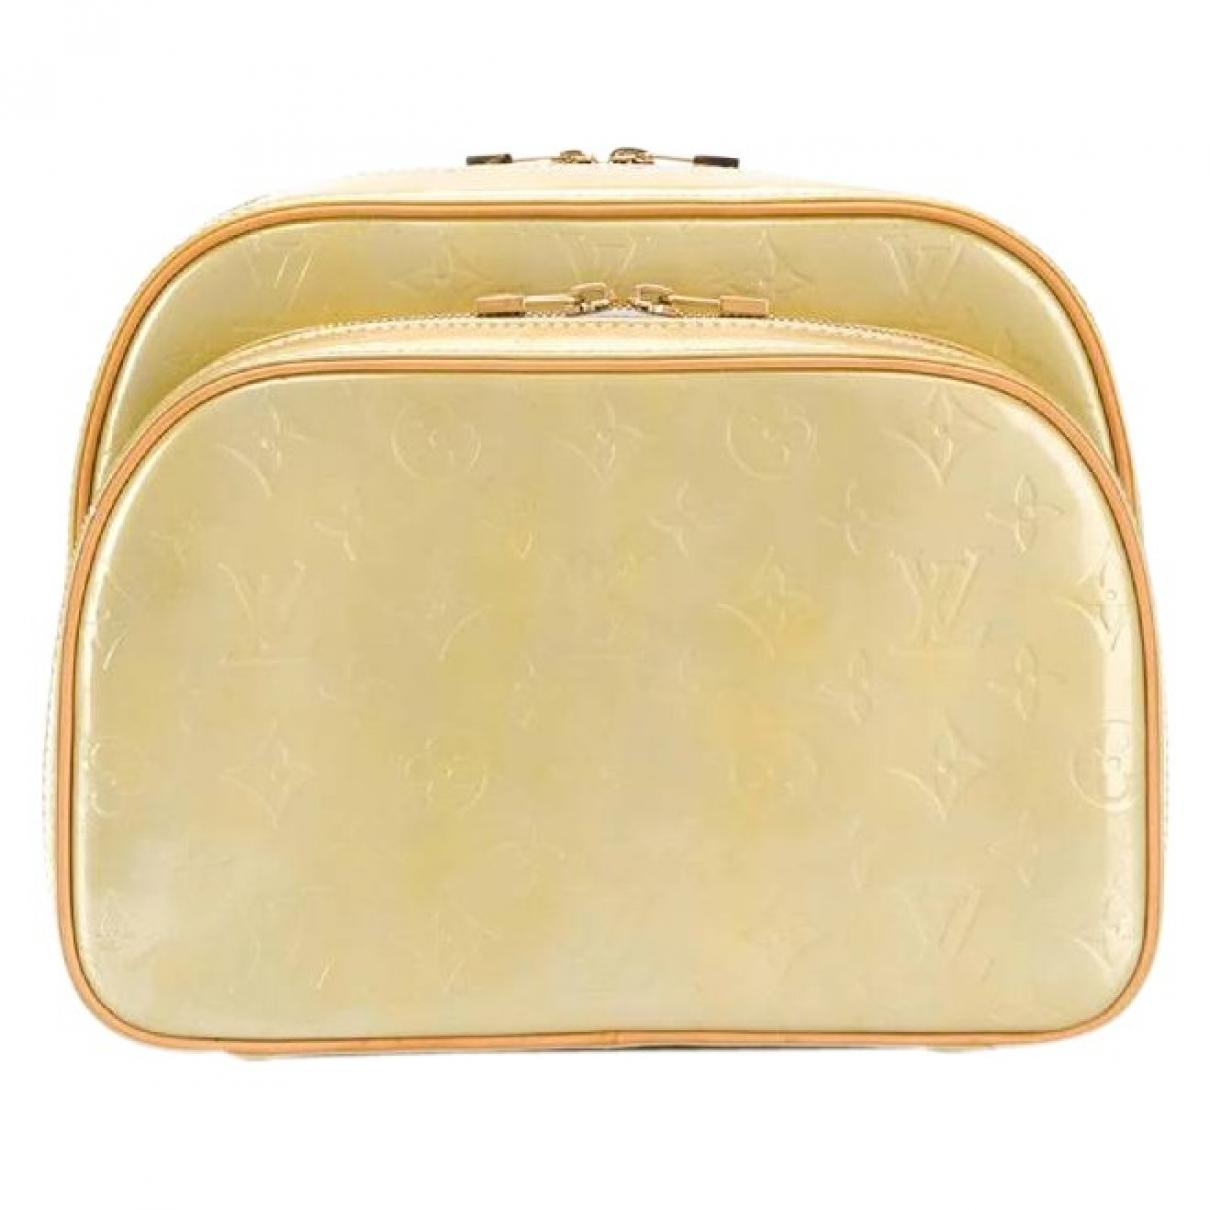 Louis Vuitton - Sac a dos   pour femme en cuir verni - beige